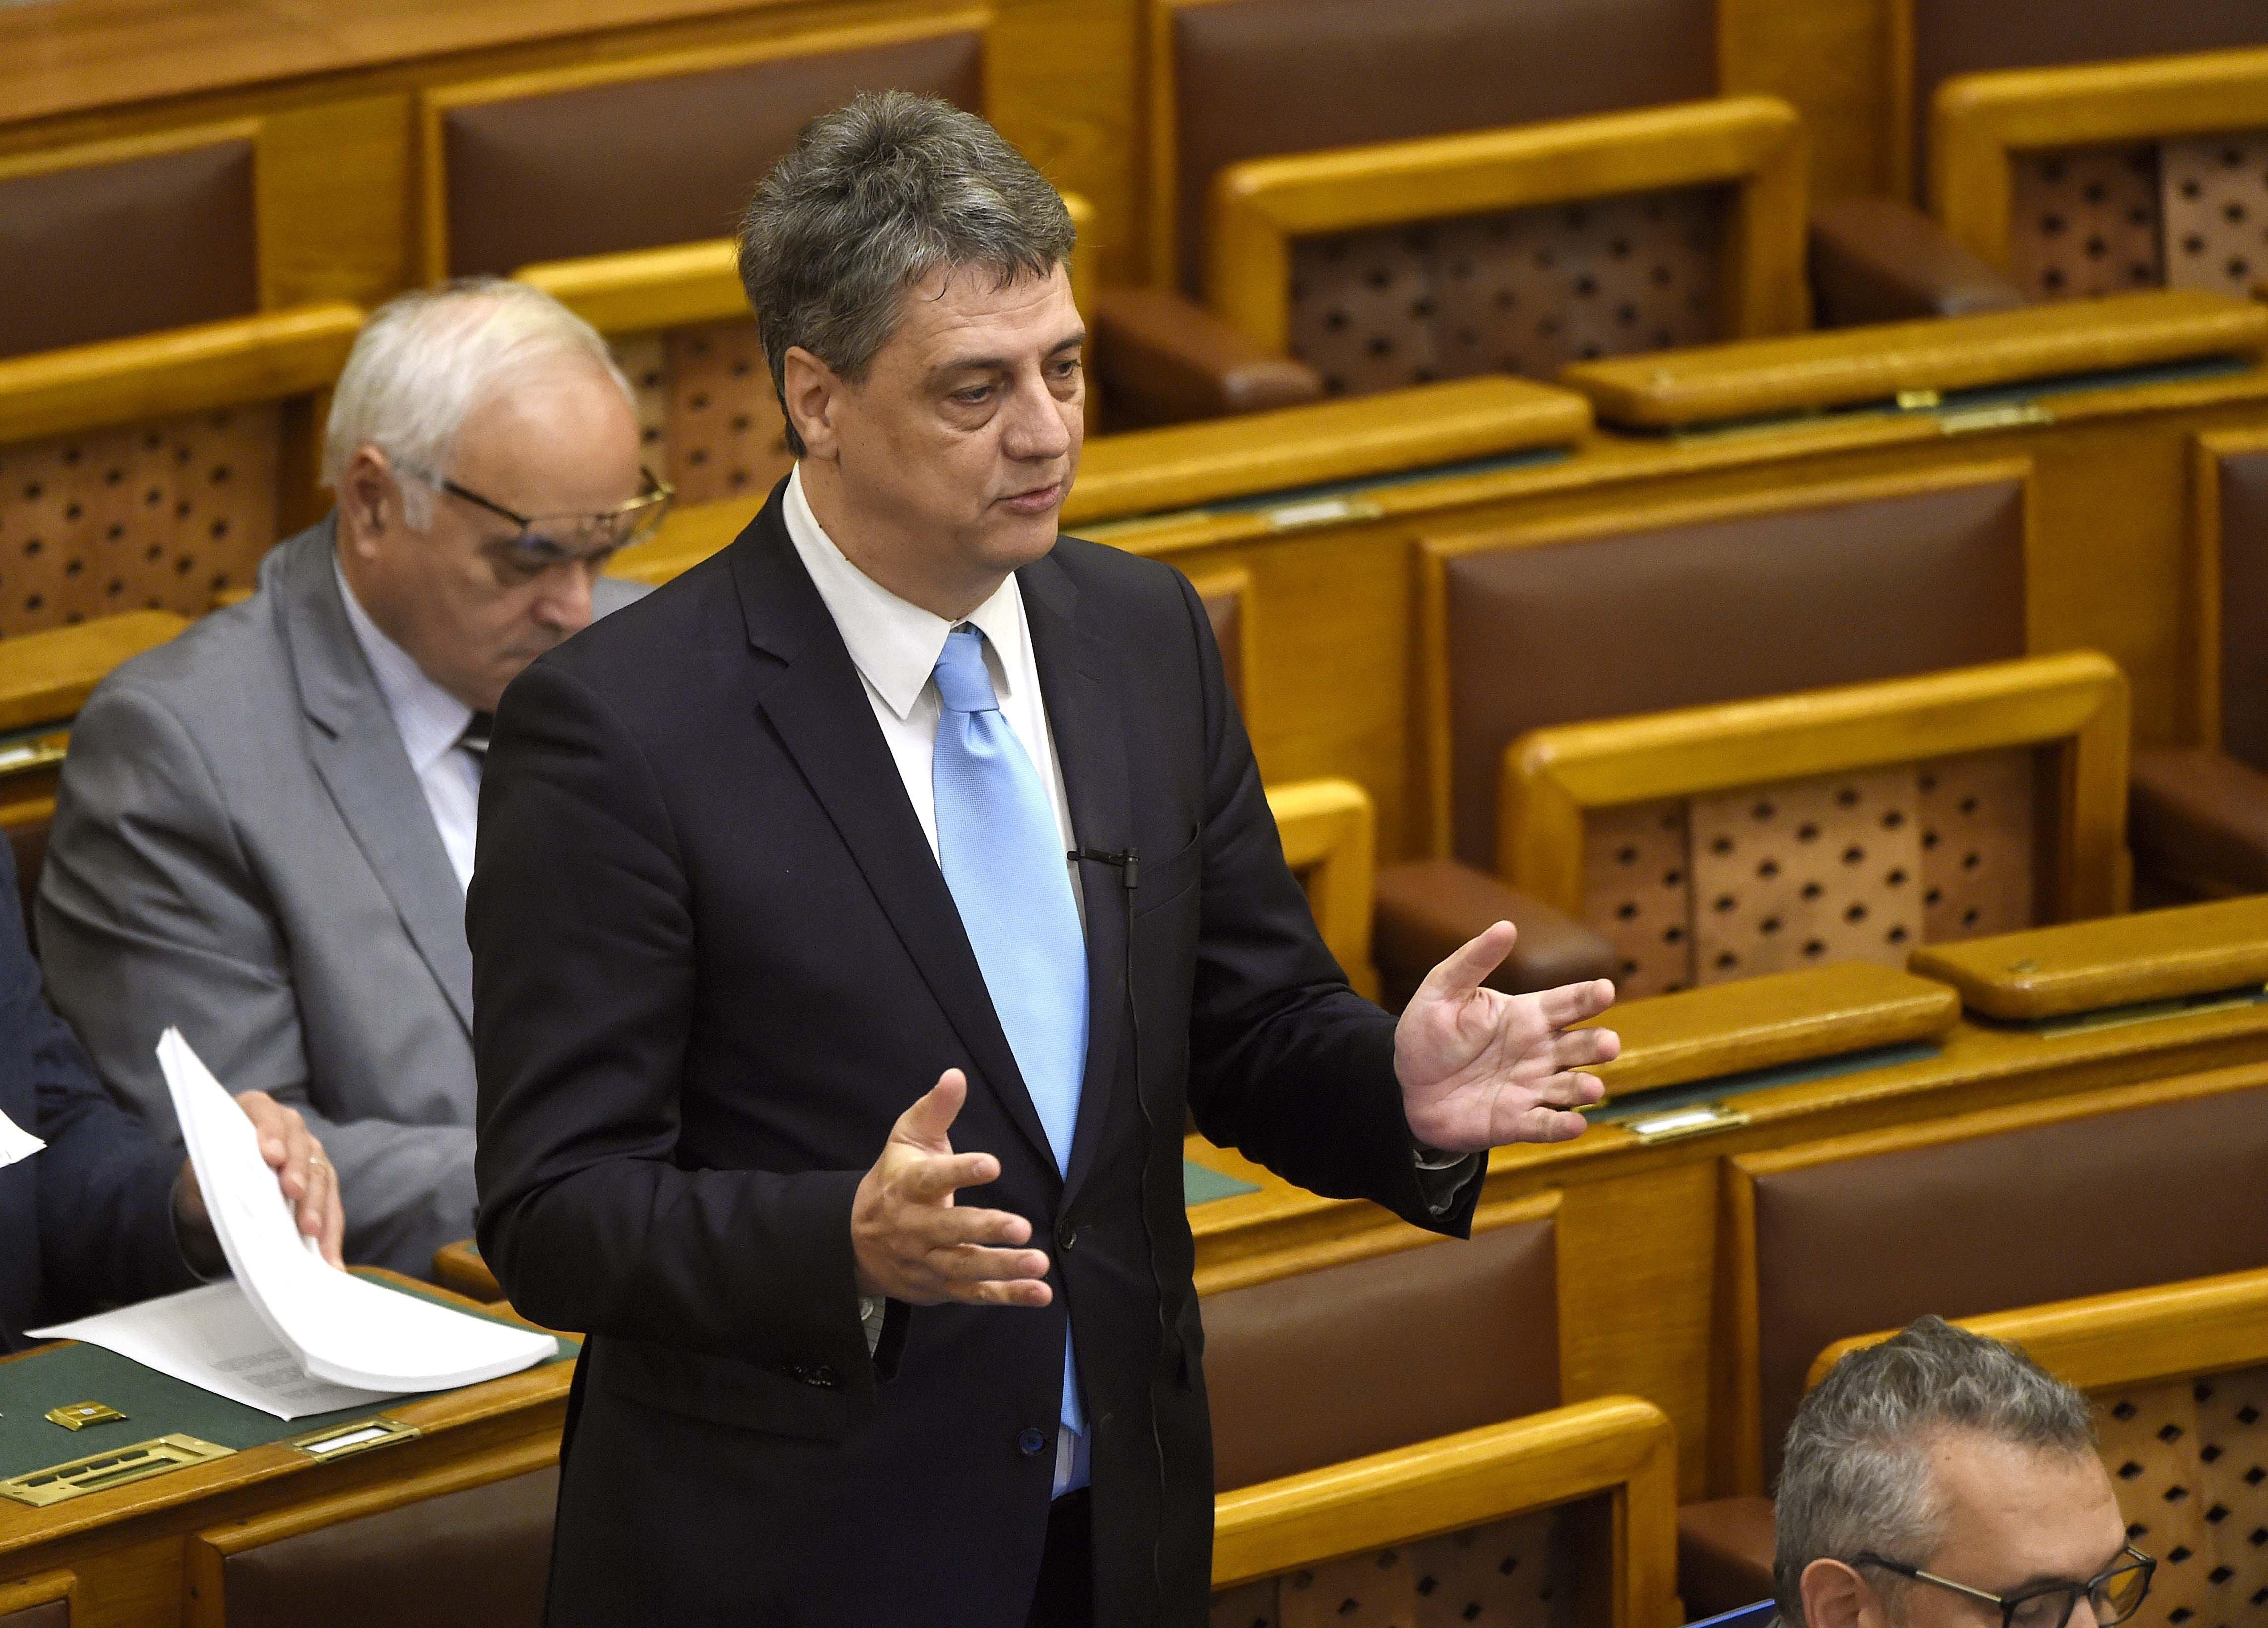 Lemondott parlamenti mandátumáról a pucérszelfik miatt Gréczy Zsolt